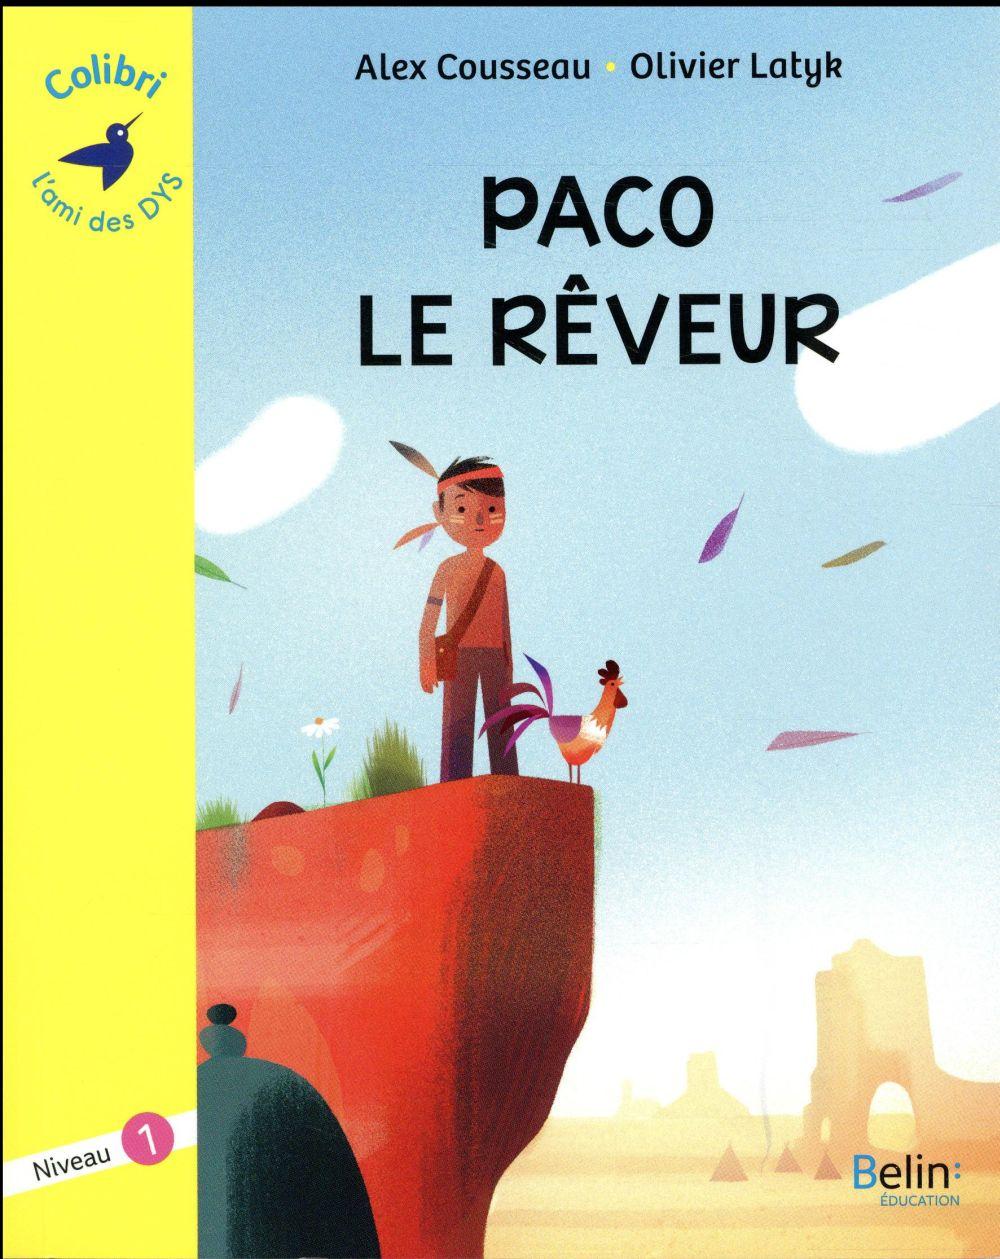 PACO LE REVEUR